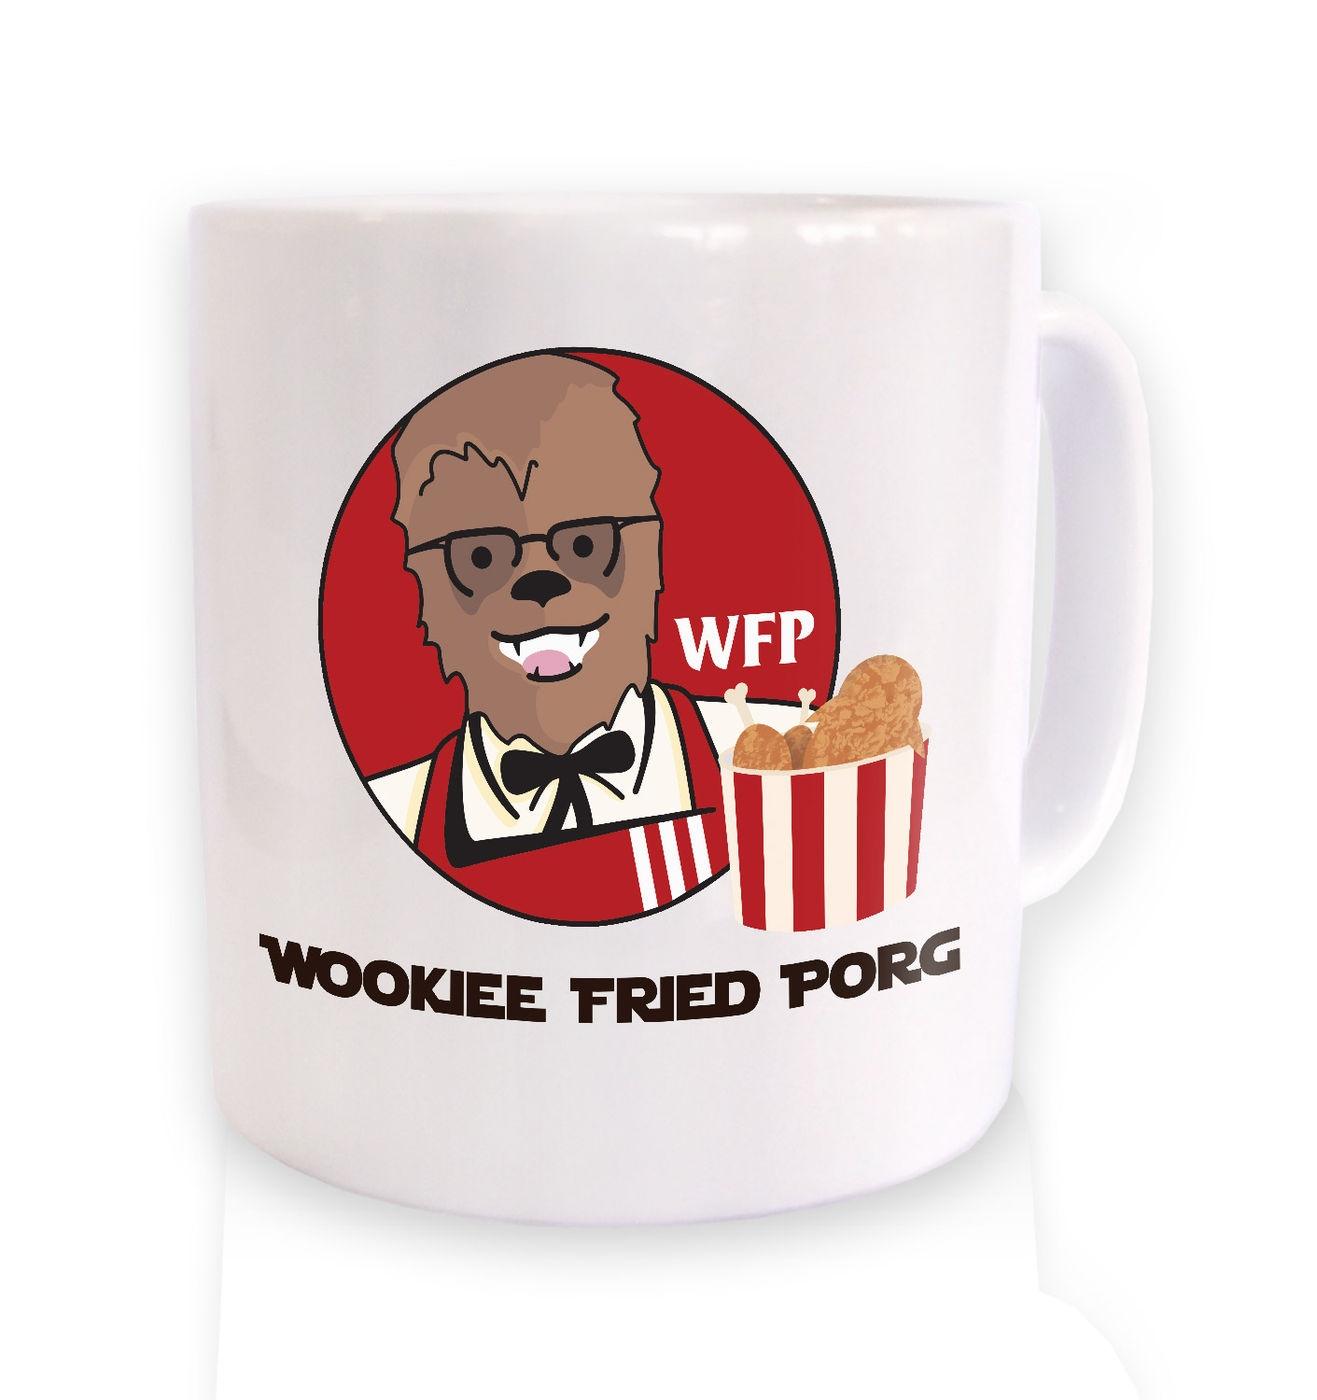 Wookiee Fried Porg mug by Something Geeky